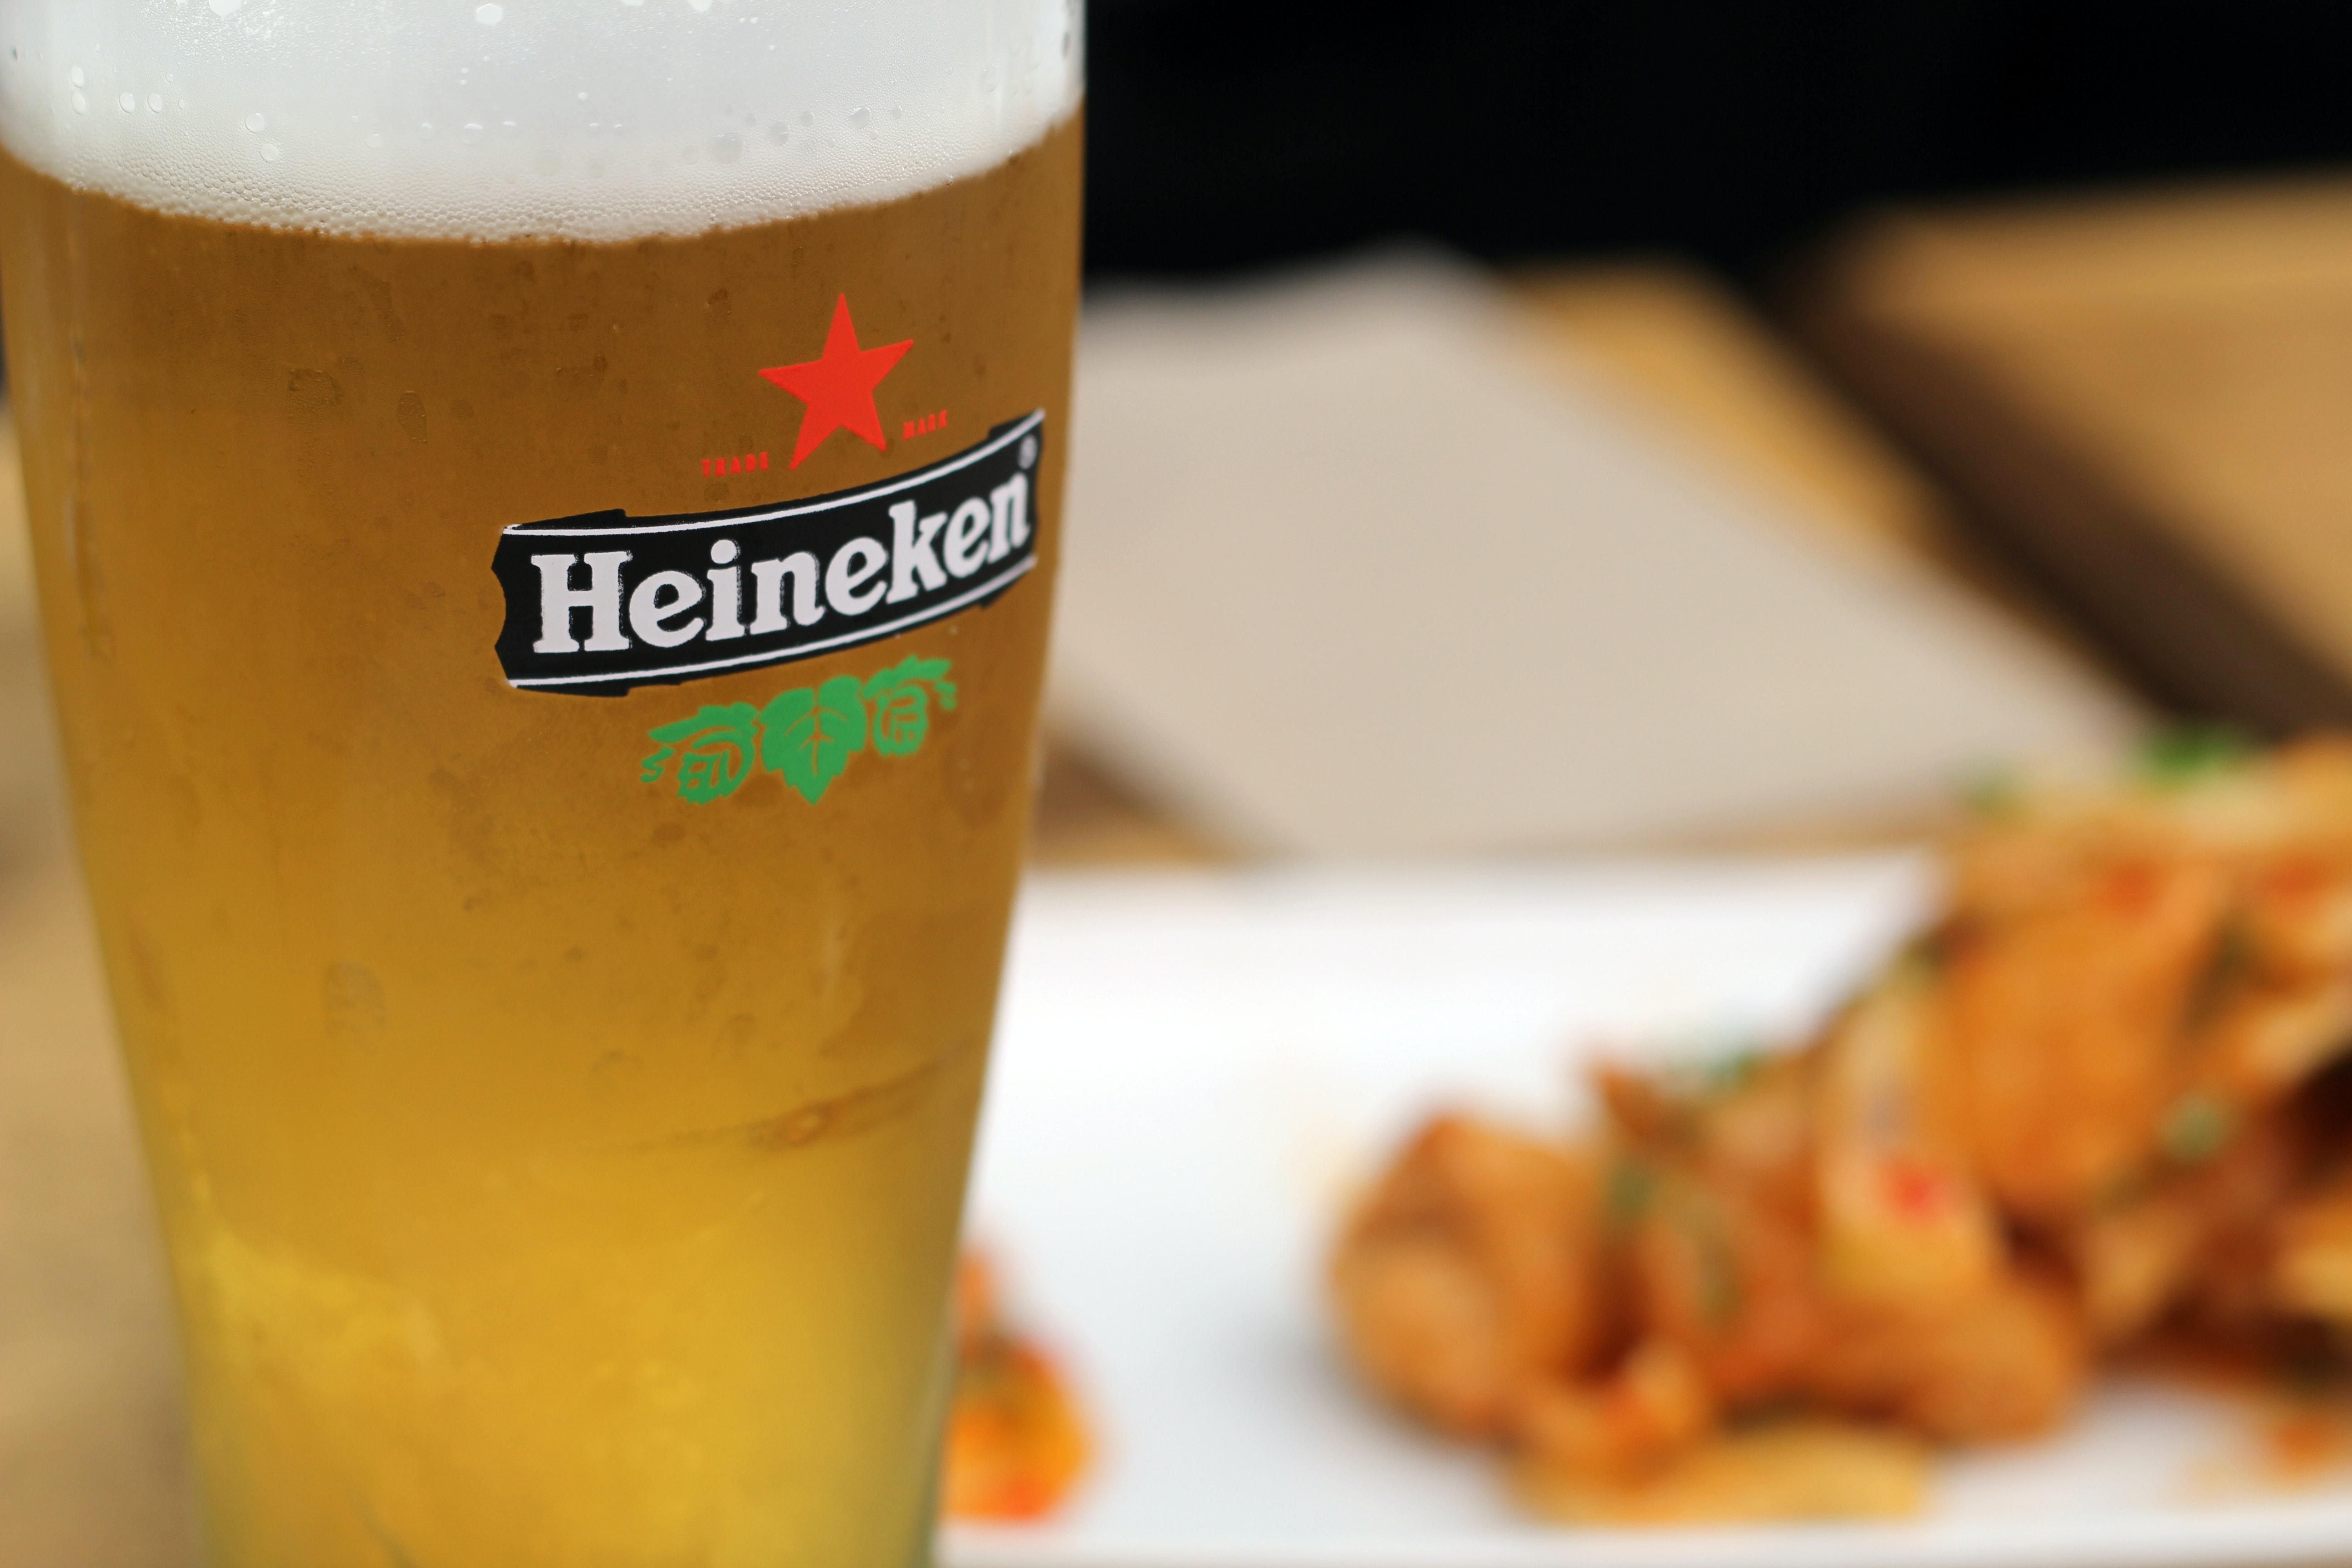 Les indemnités de l'ancien PDG d'Heineken inquiètent les investisseurs